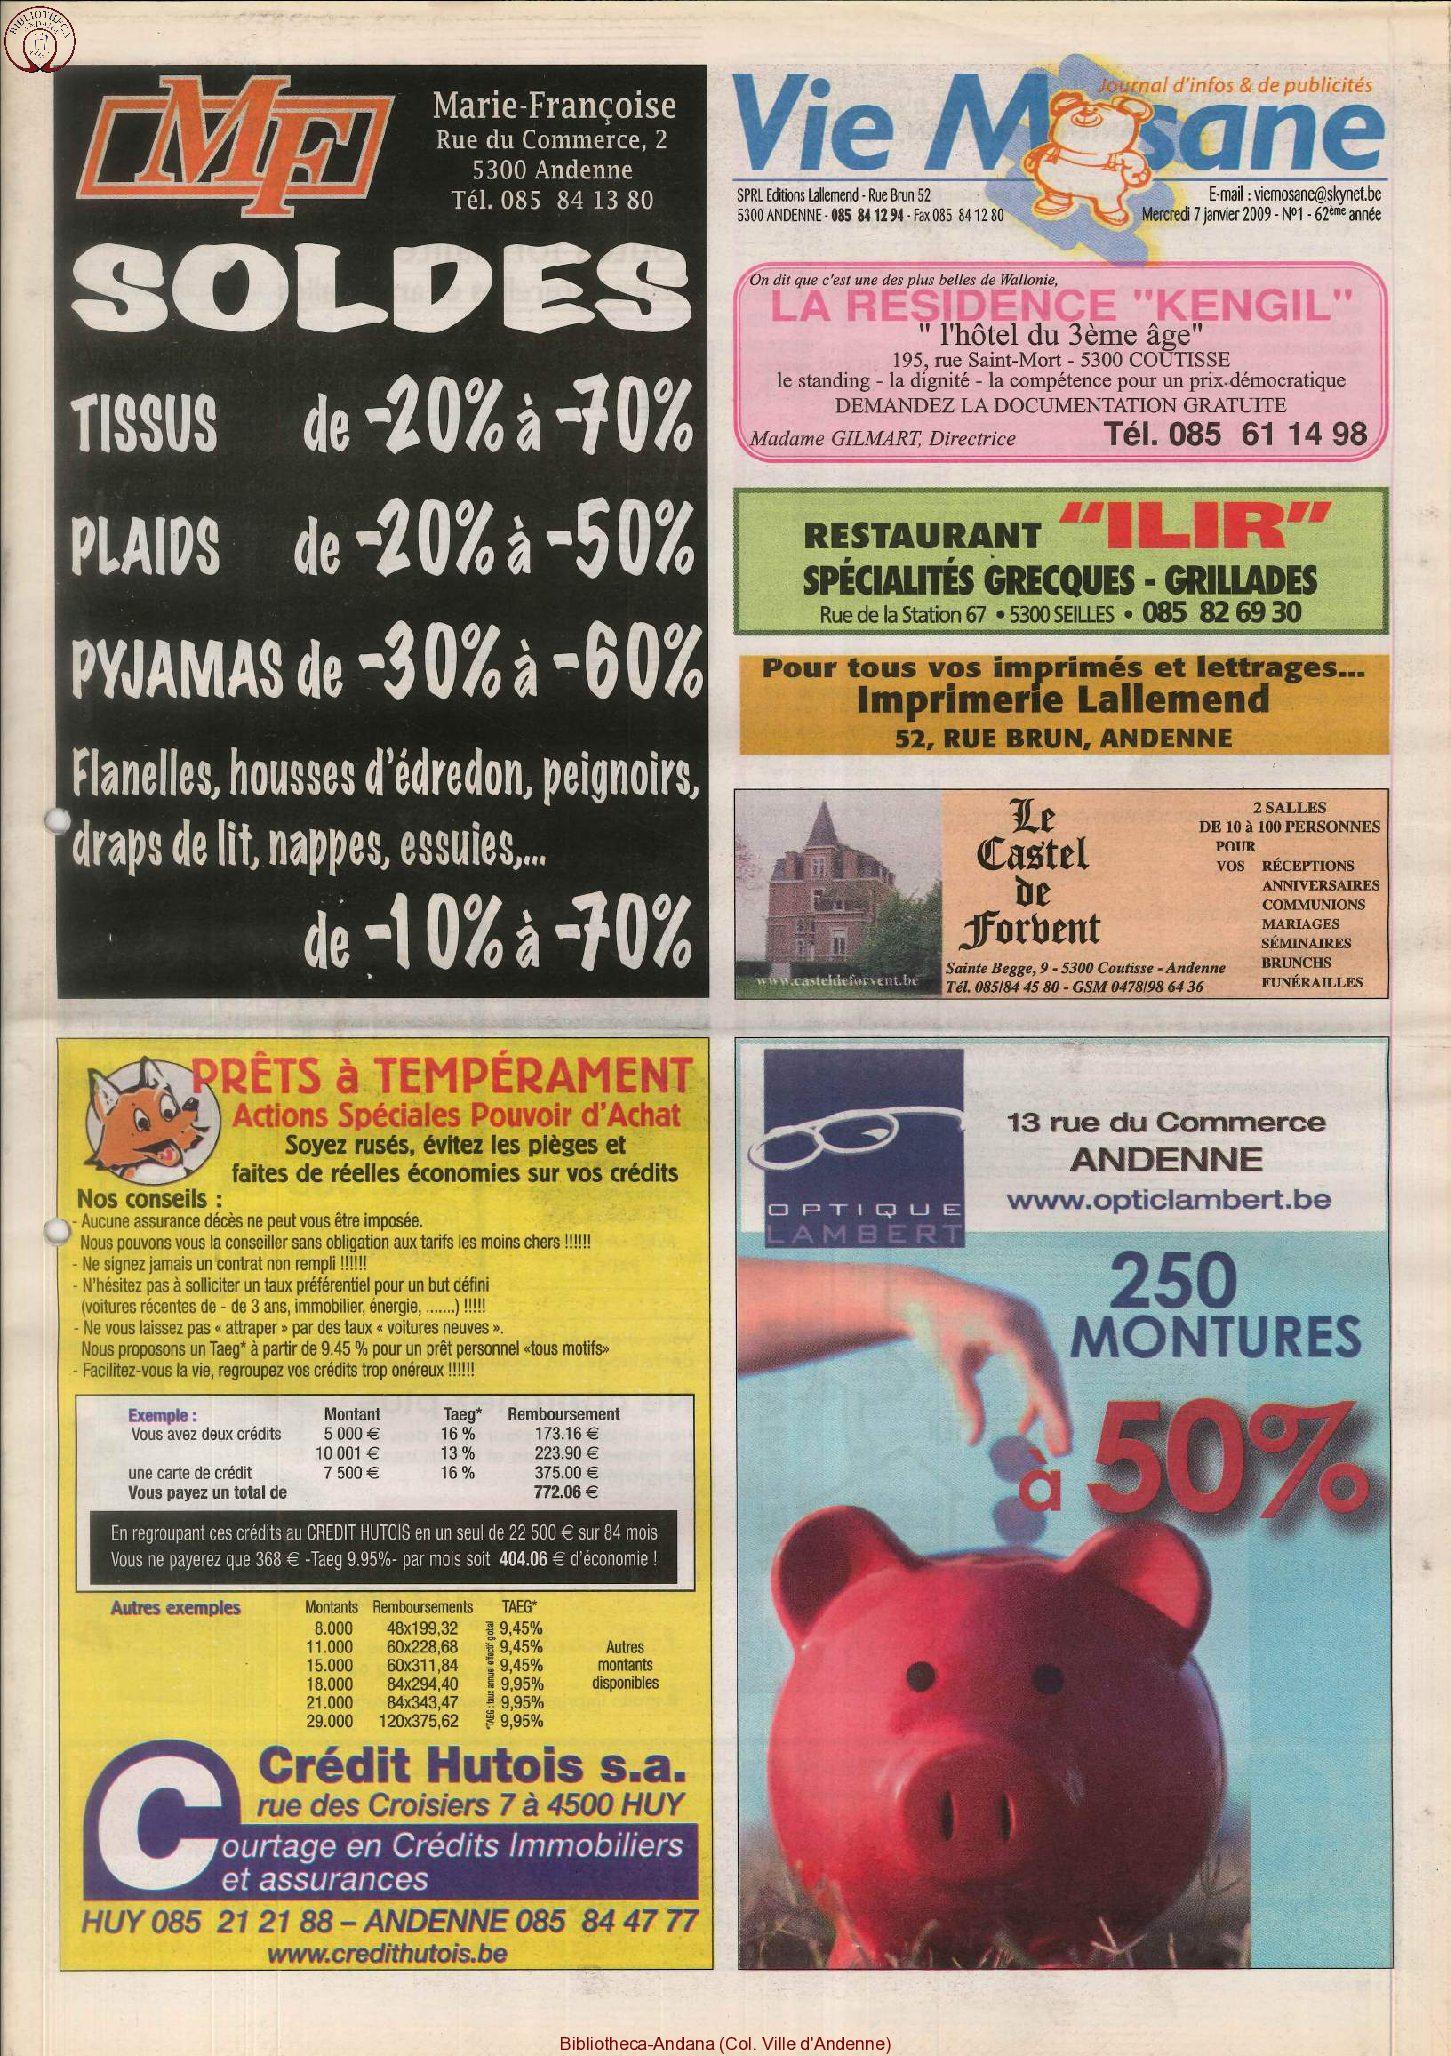 62e année - n°1 - 7 janvier 2009